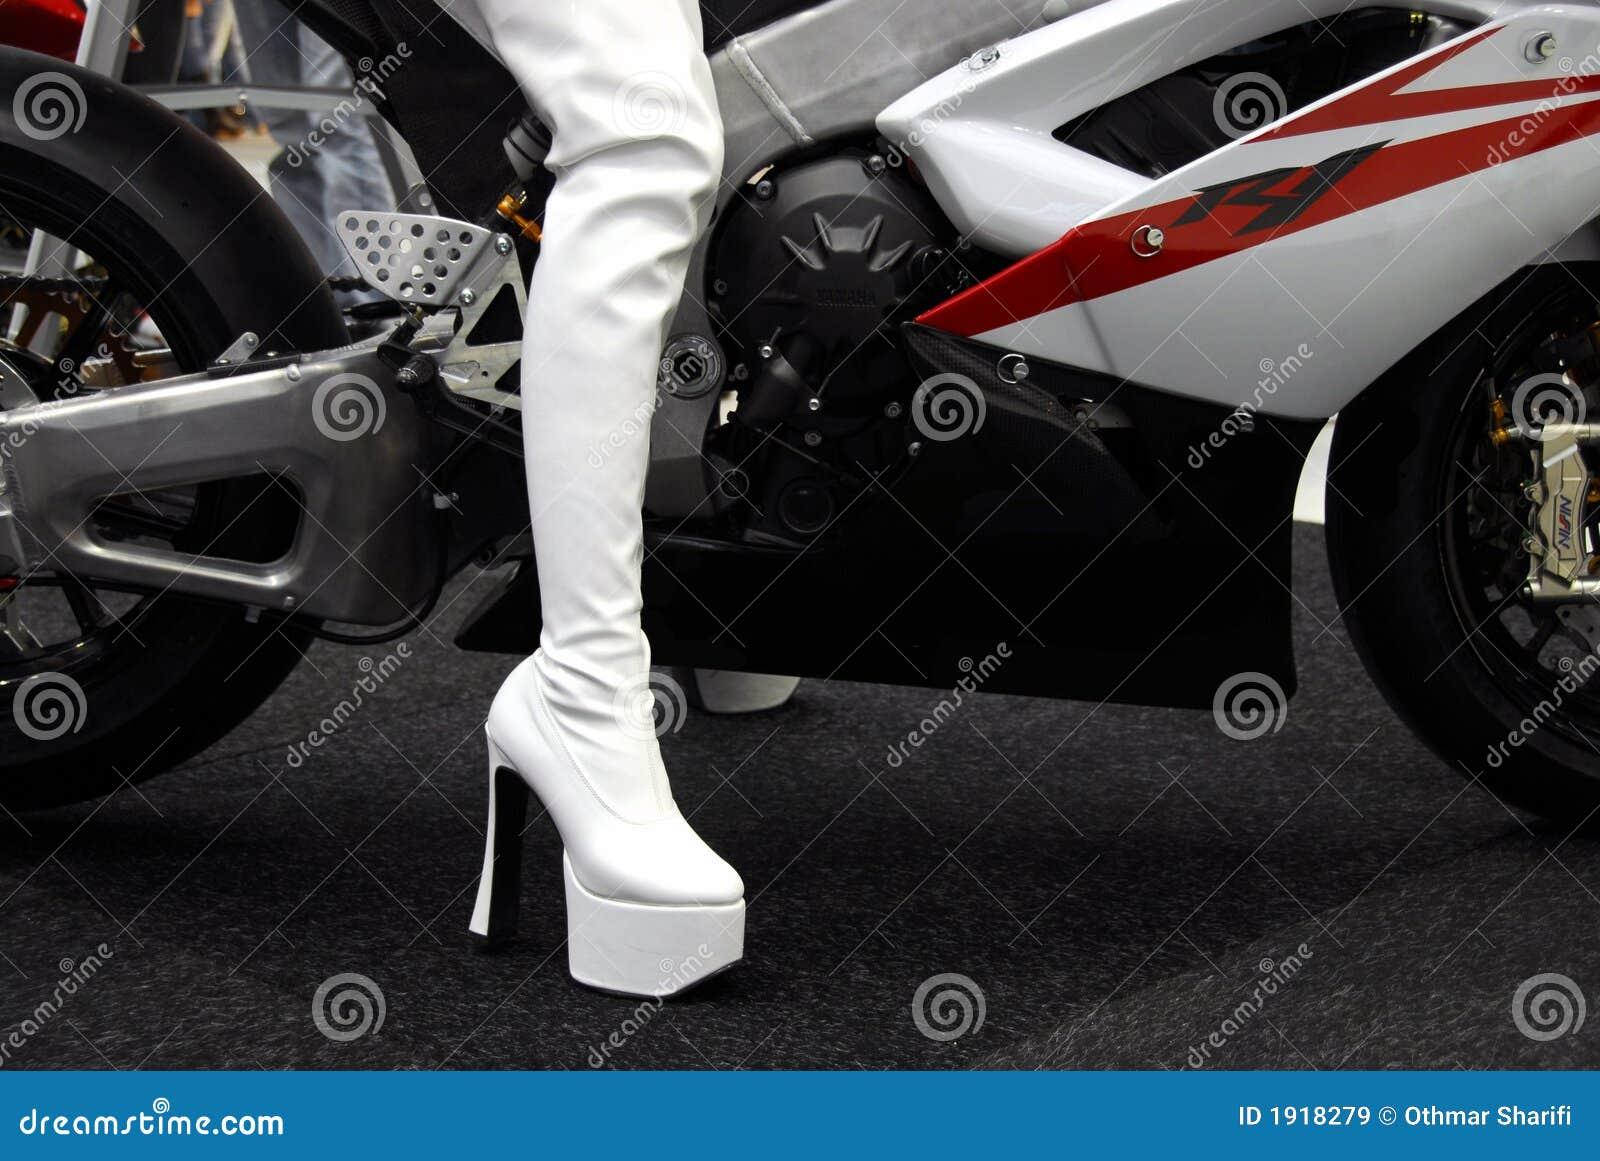 ботинки bike